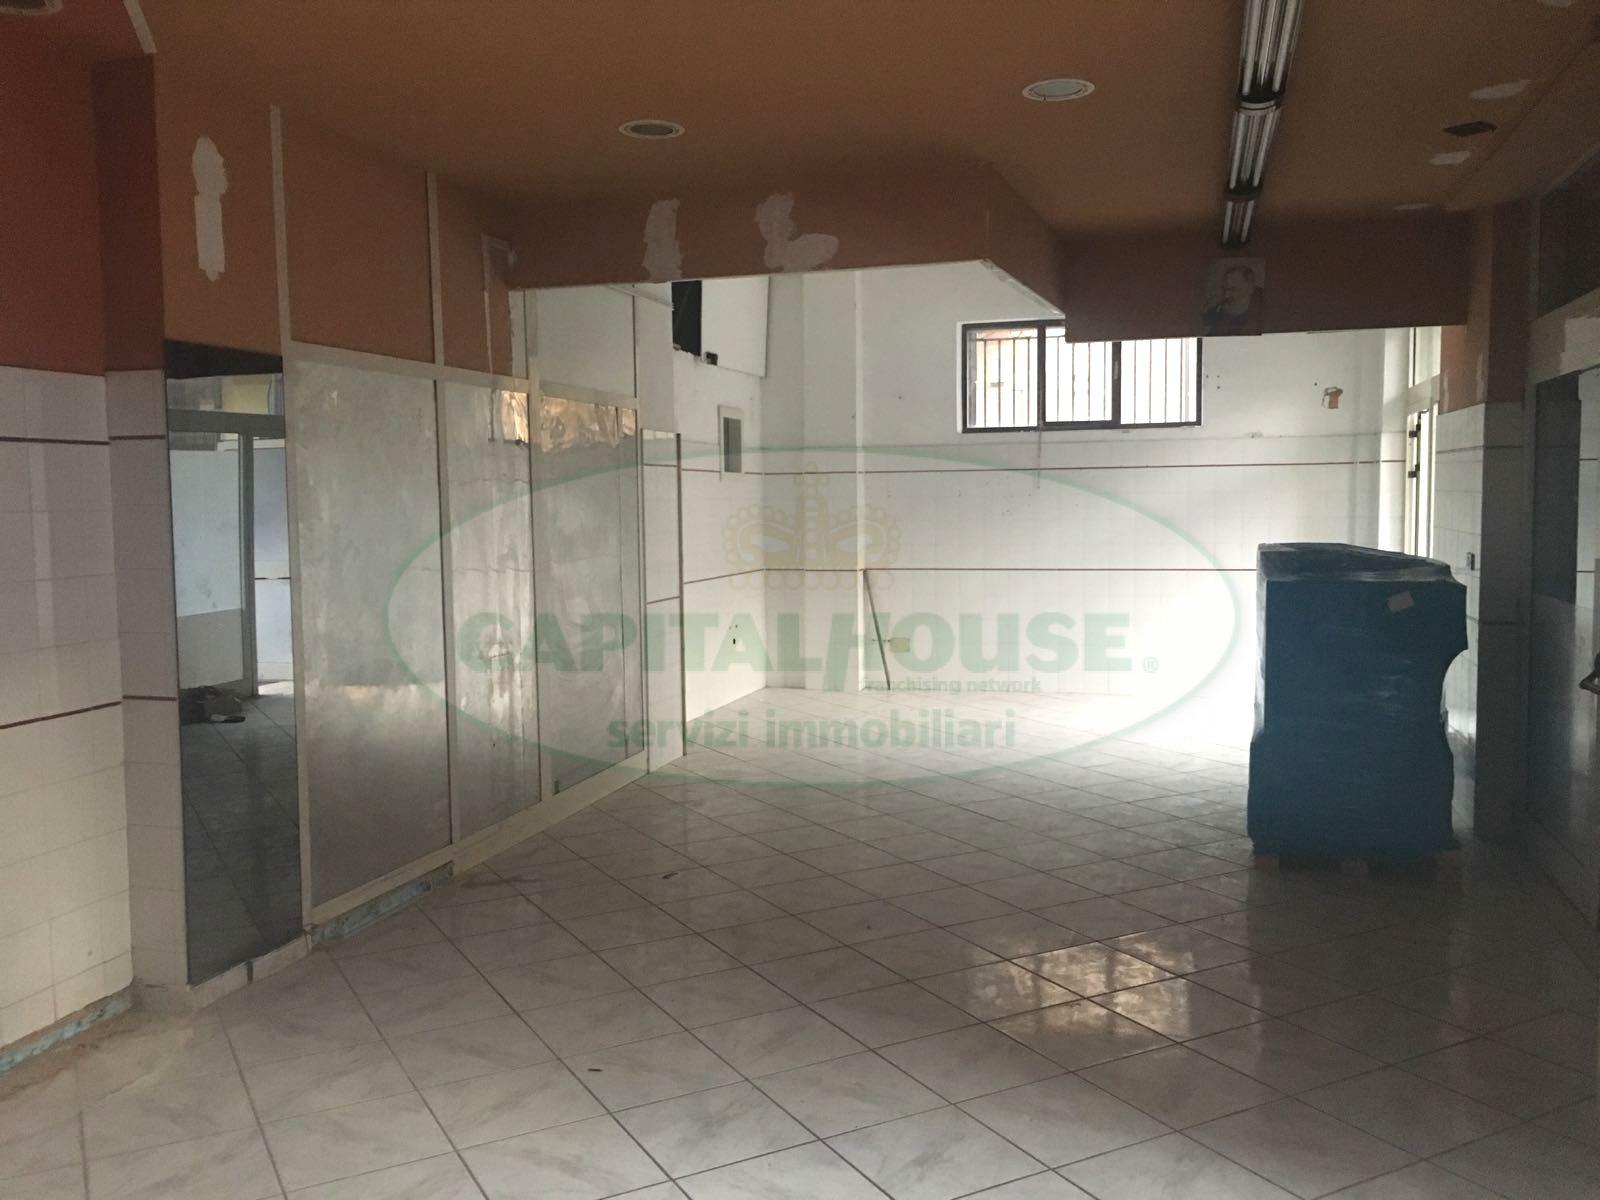 Negozio / Locale in affitto a Atripalda, 9999 locali, prezzo € 500 | Cambio Casa.it